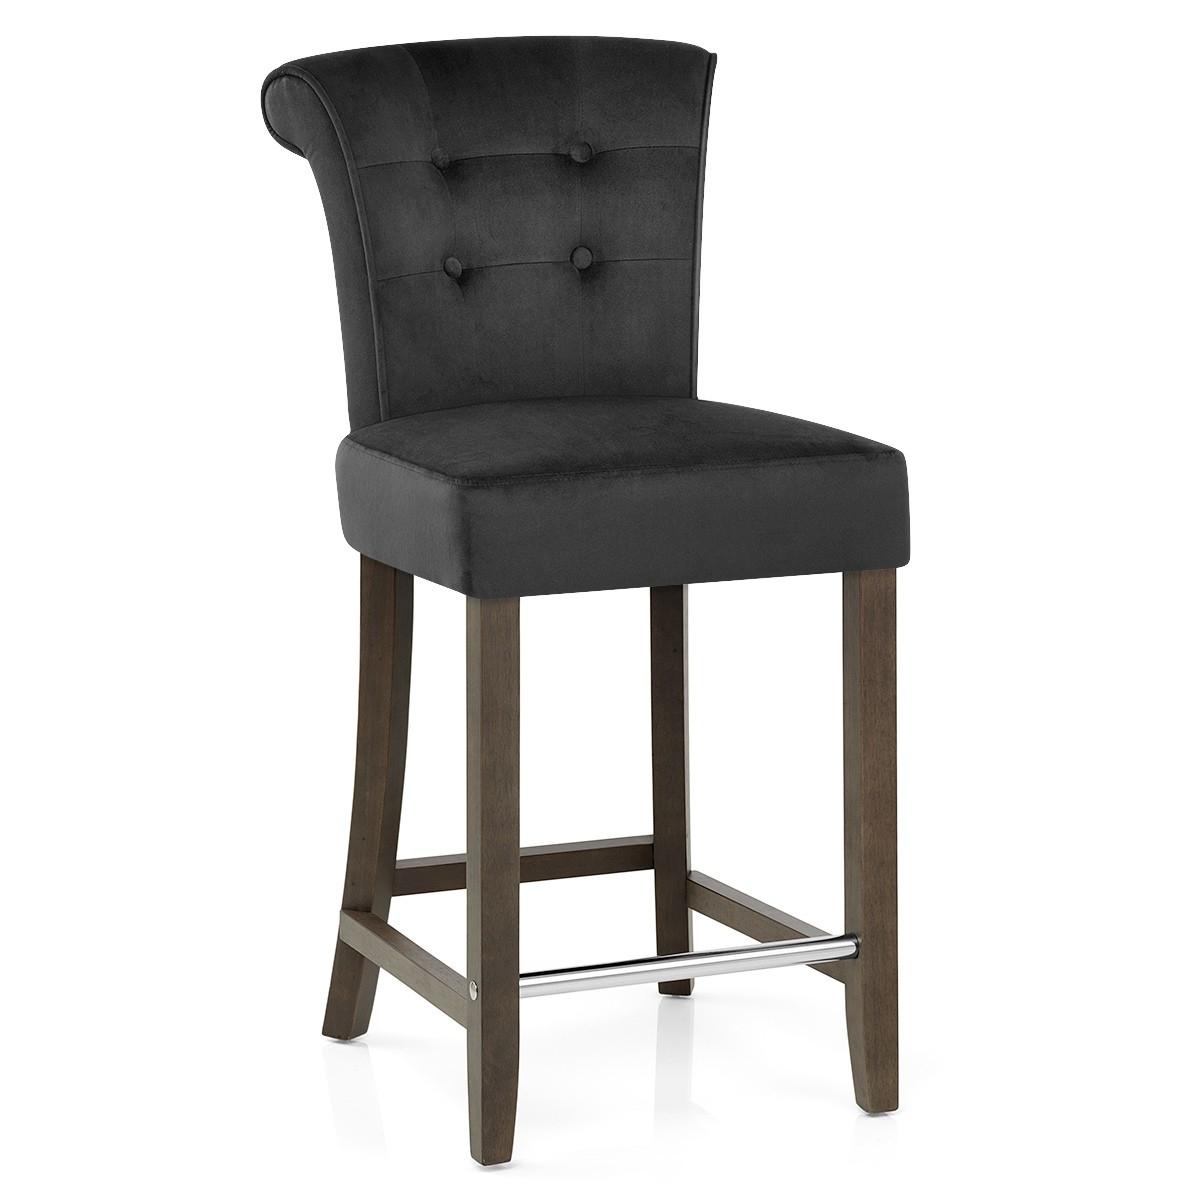 tabouret de barre excellent rskog tabouret de bar with. Black Bedroom Furniture Sets. Home Design Ideas